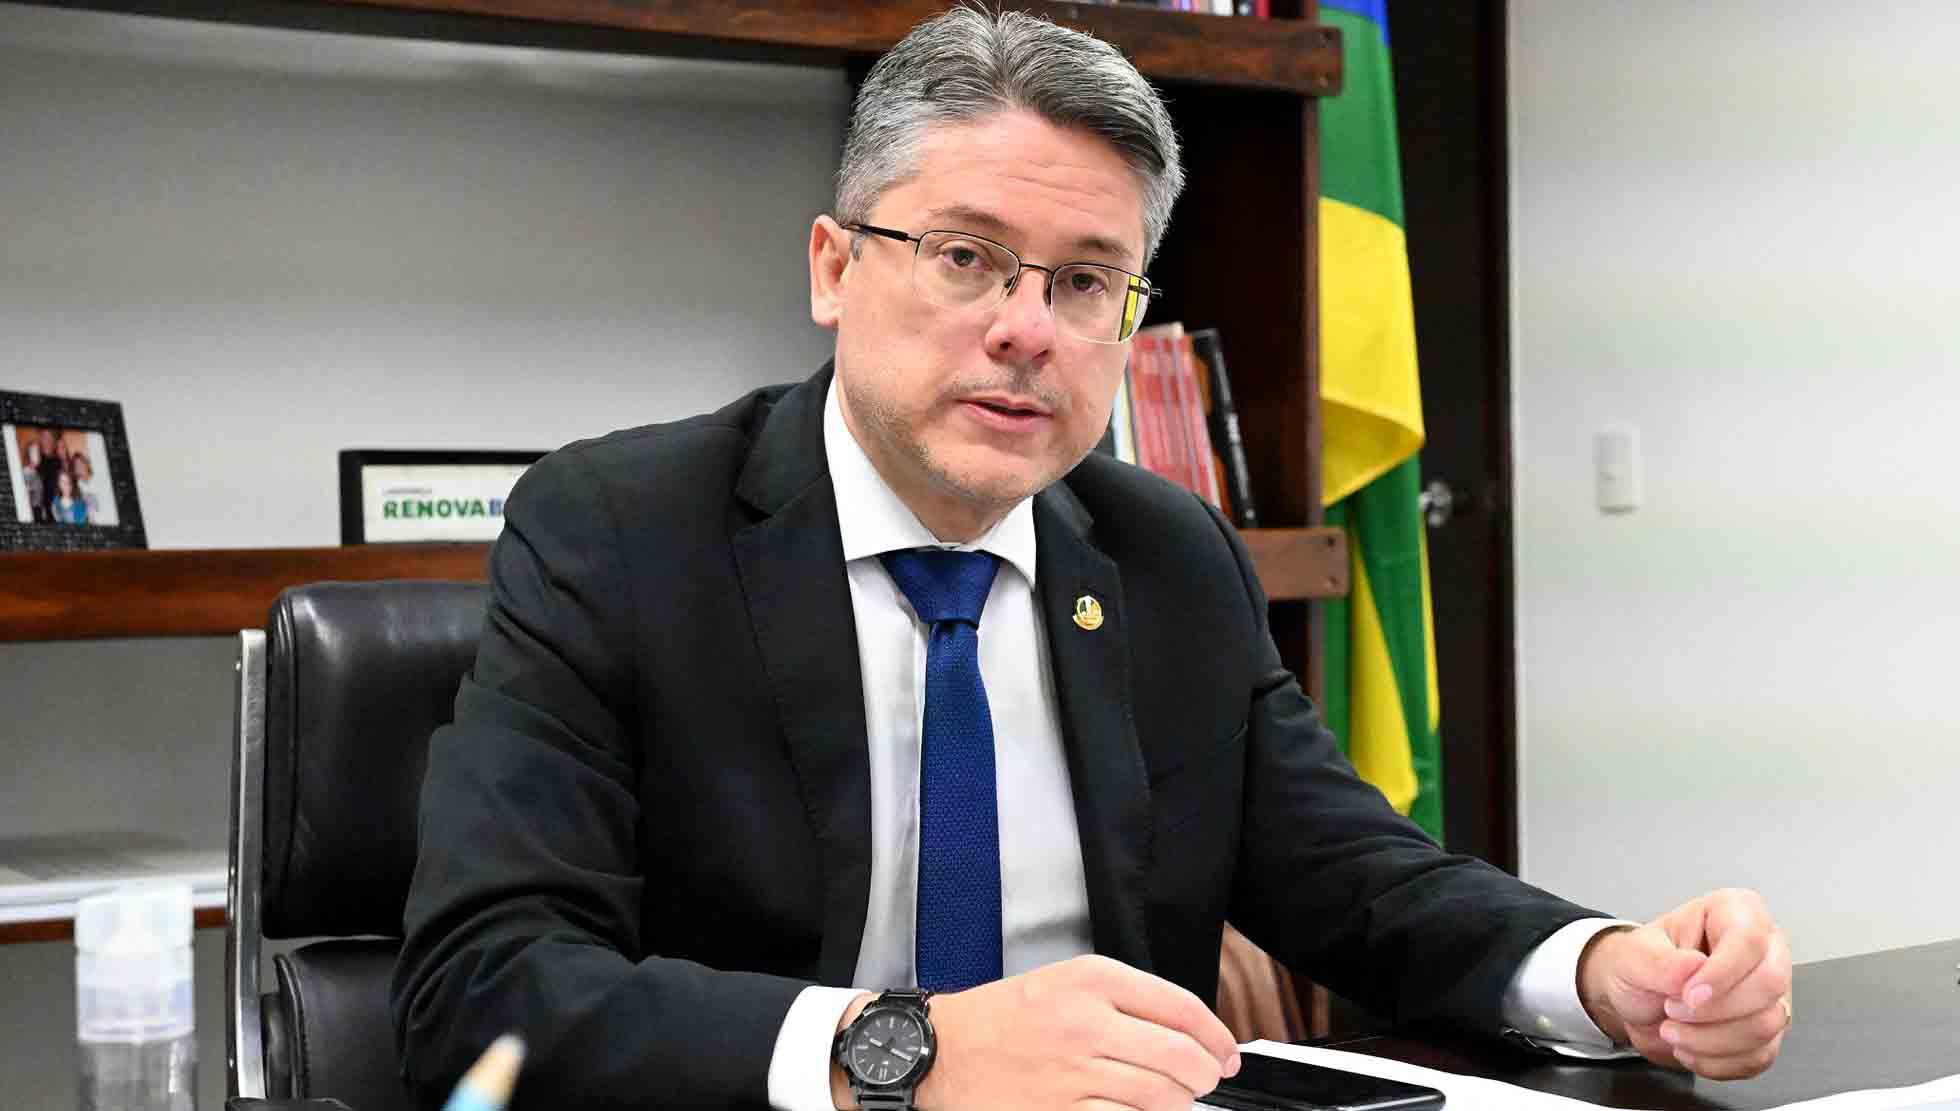 Convocar Braga Netto à CPI